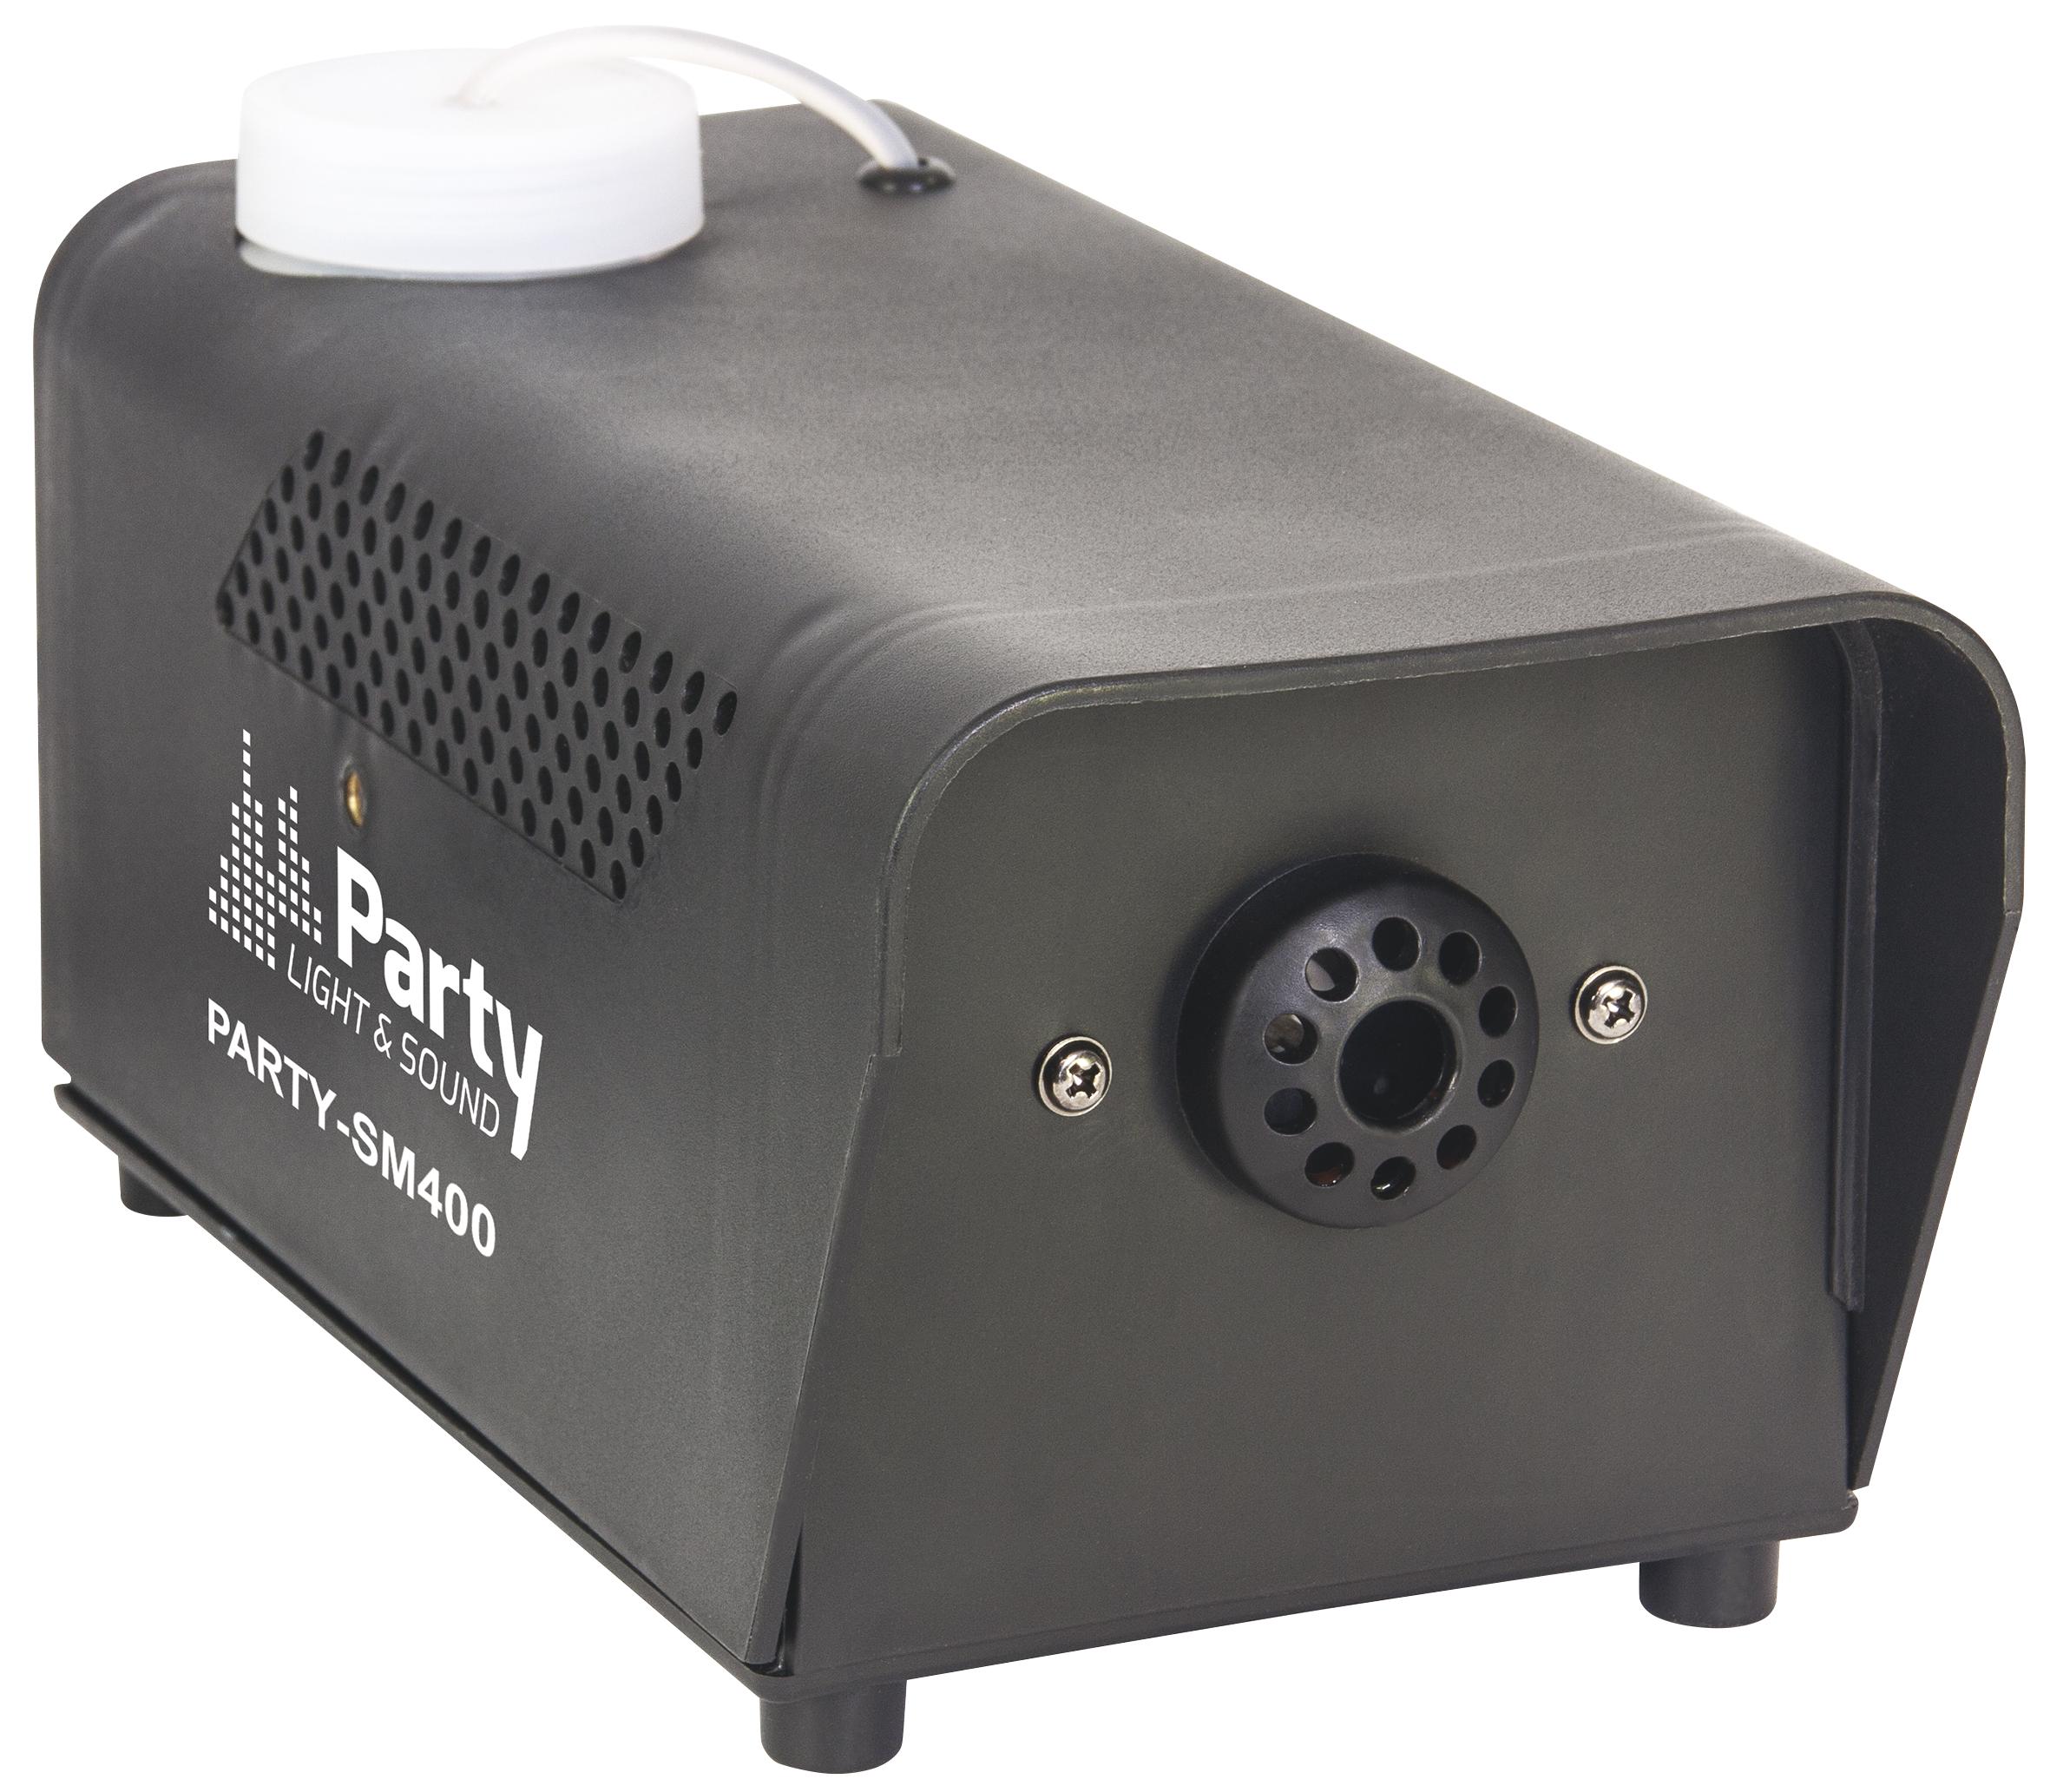 Nebelmaschine PARTY ''PARTY-SM400'' 400W